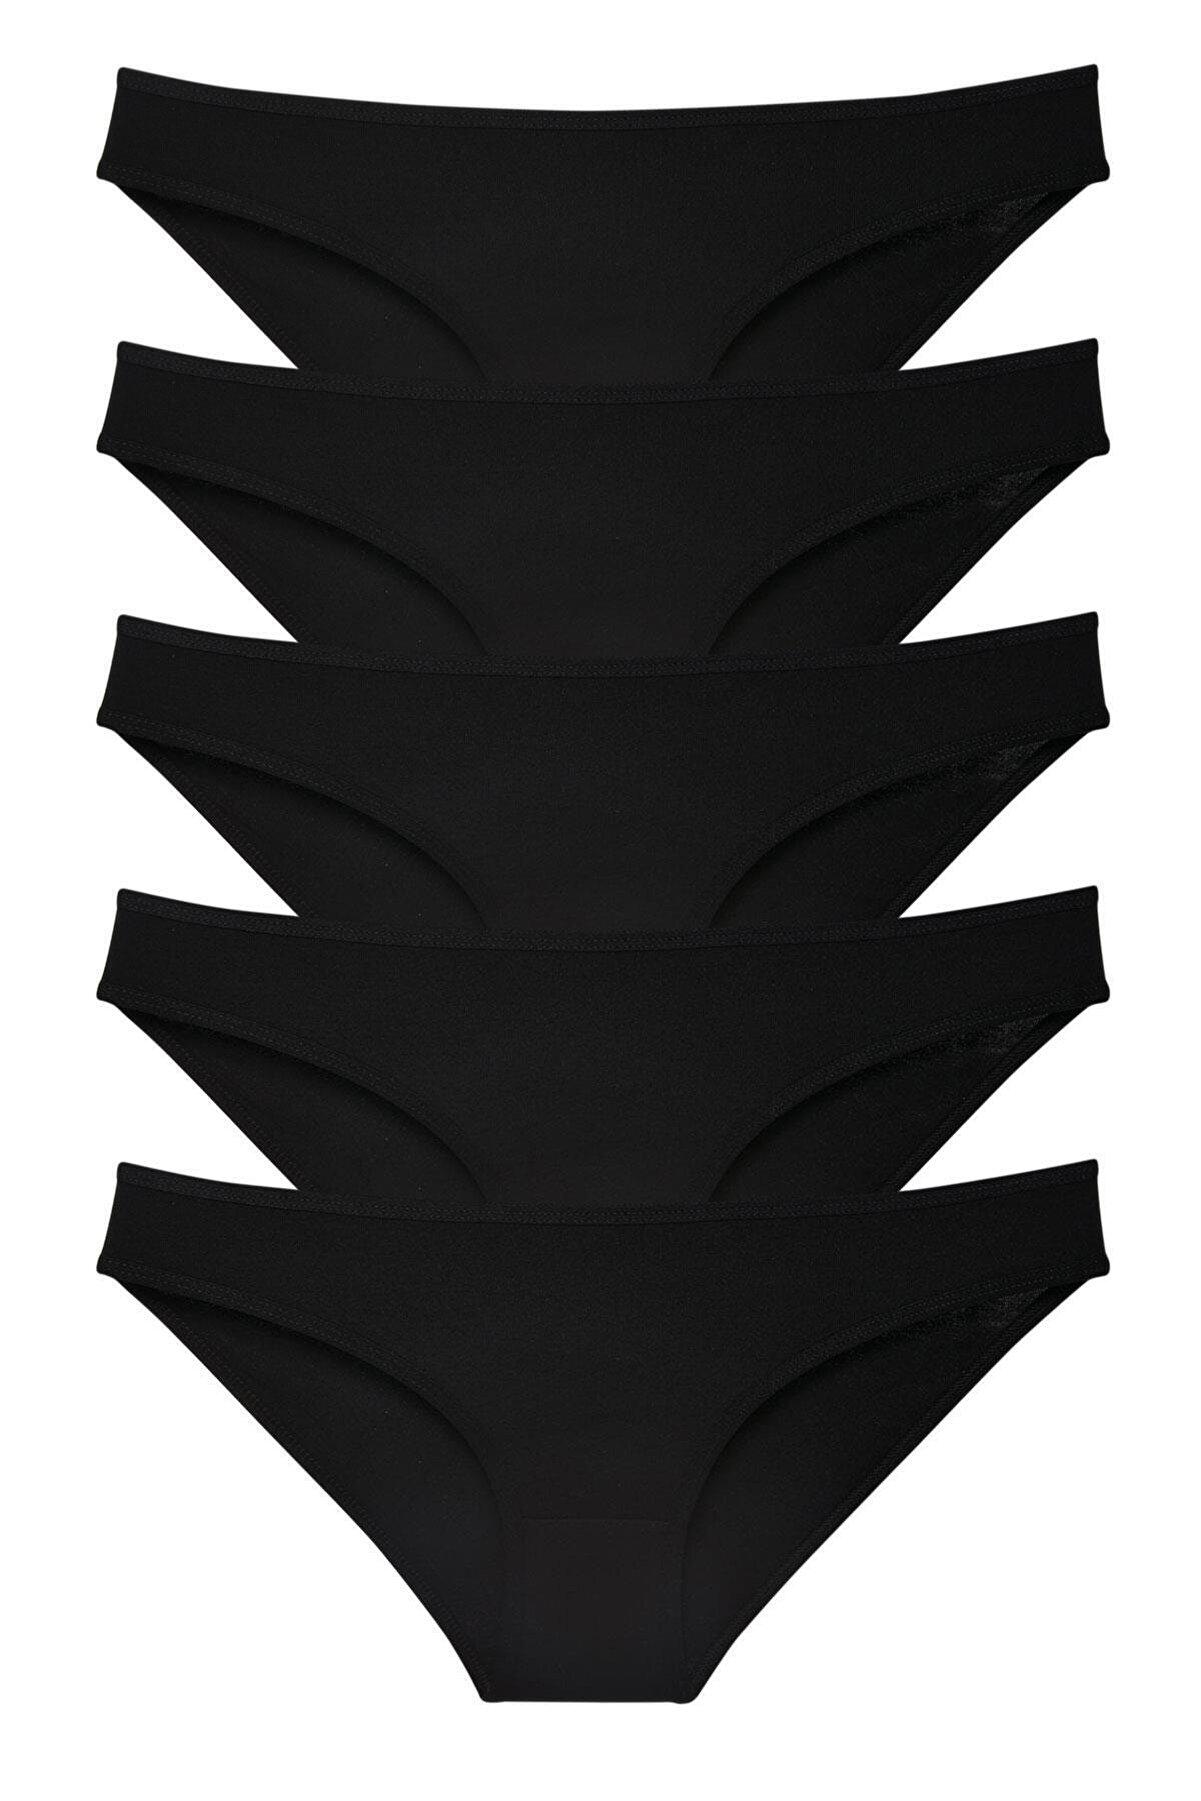 LadyMelex Kadın 5'li Siyah Klasik Slip Külot